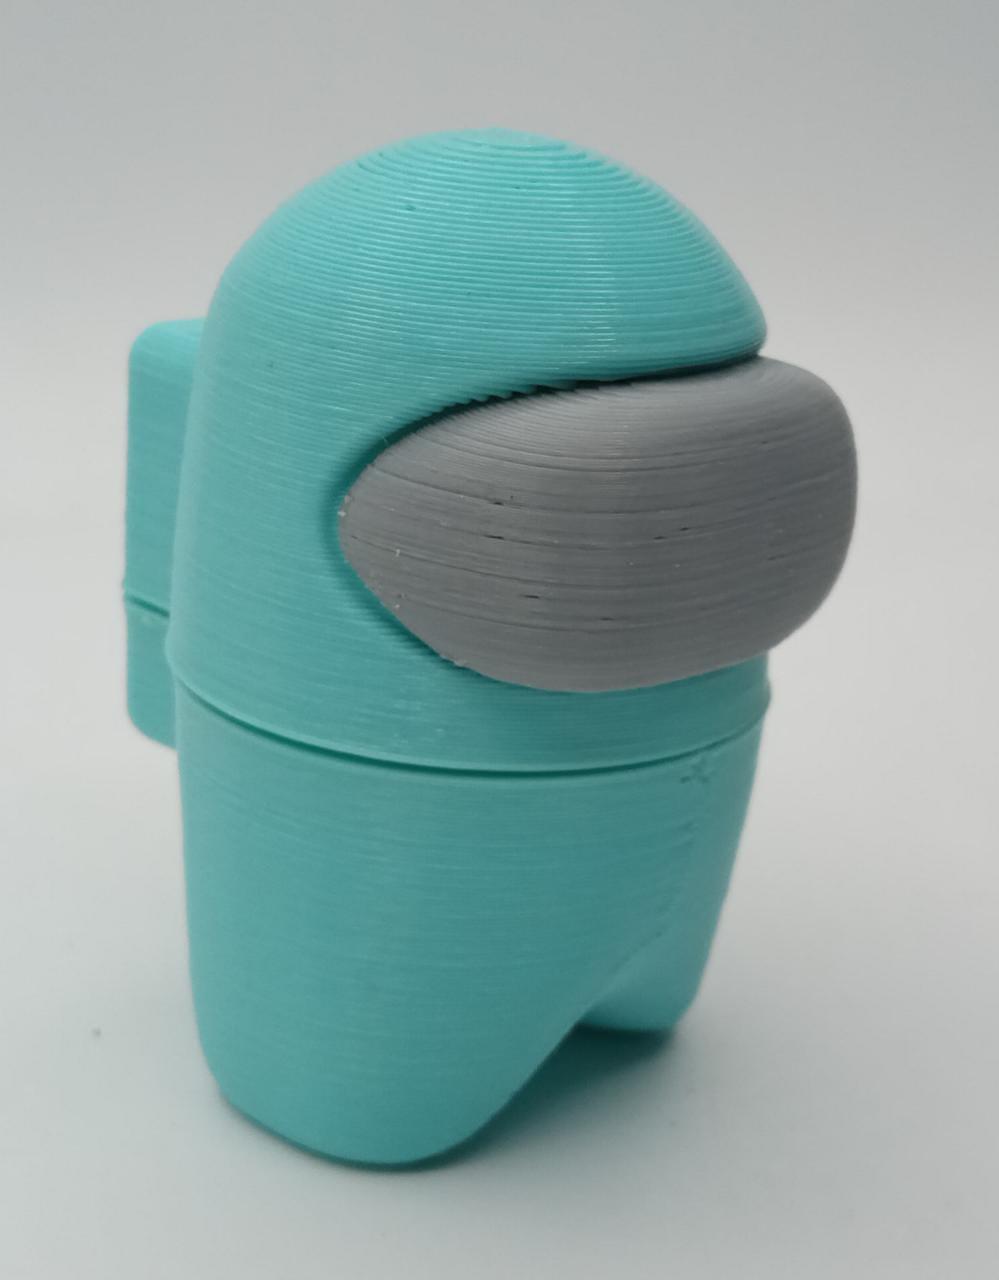 Boneco Among Us: Azul Claro